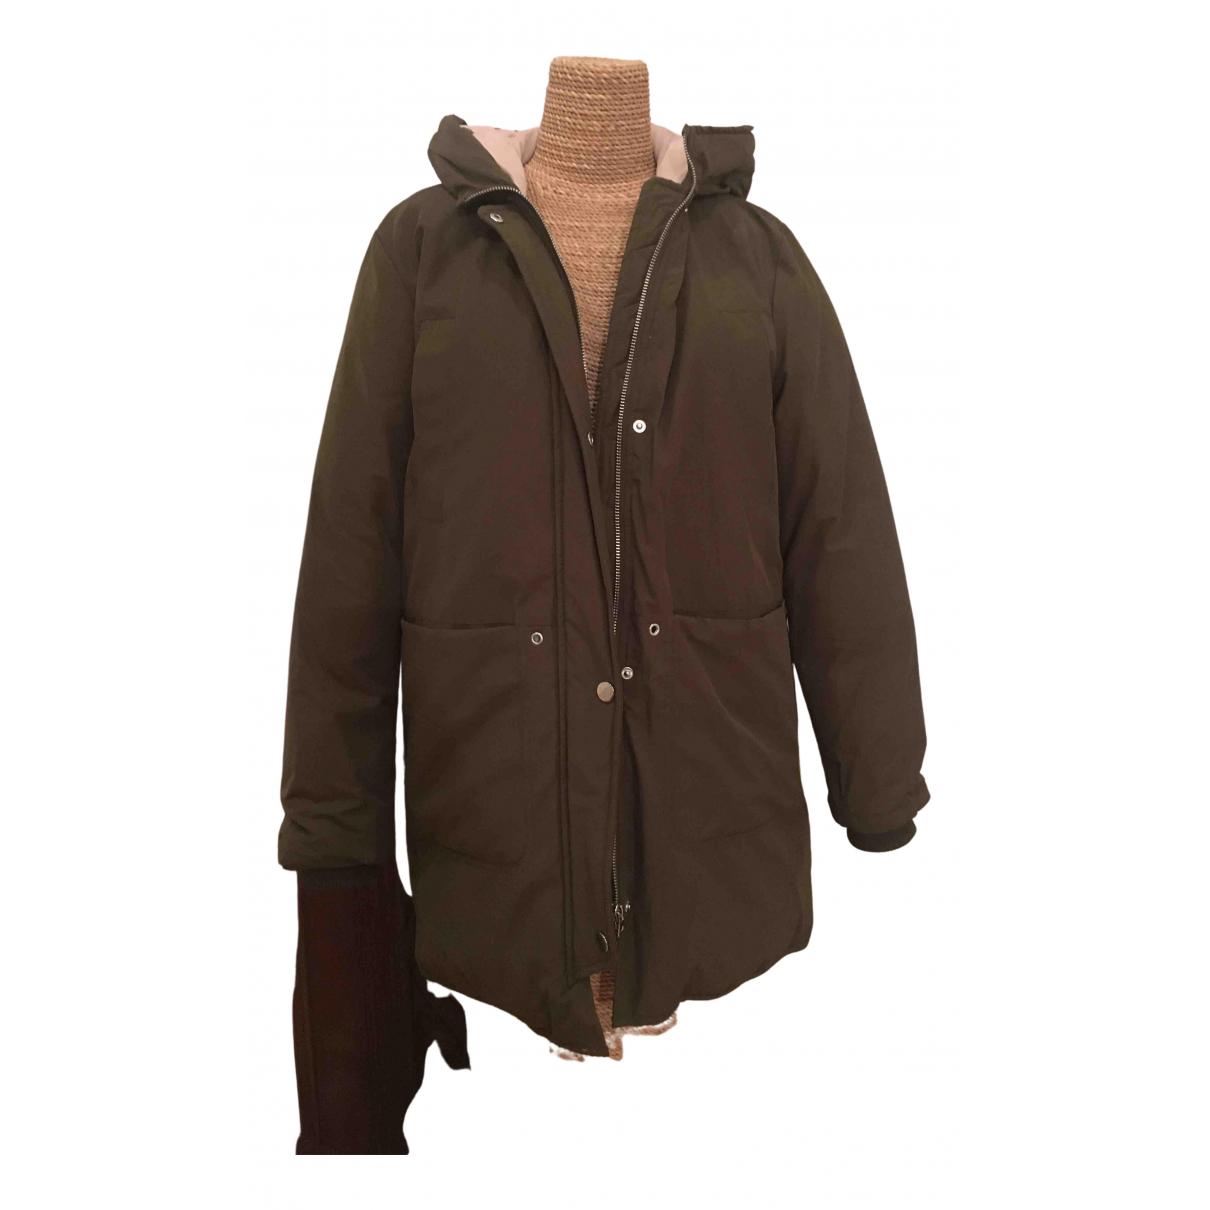 Zara - Blousons.Manteaux   pour enfant - kaki